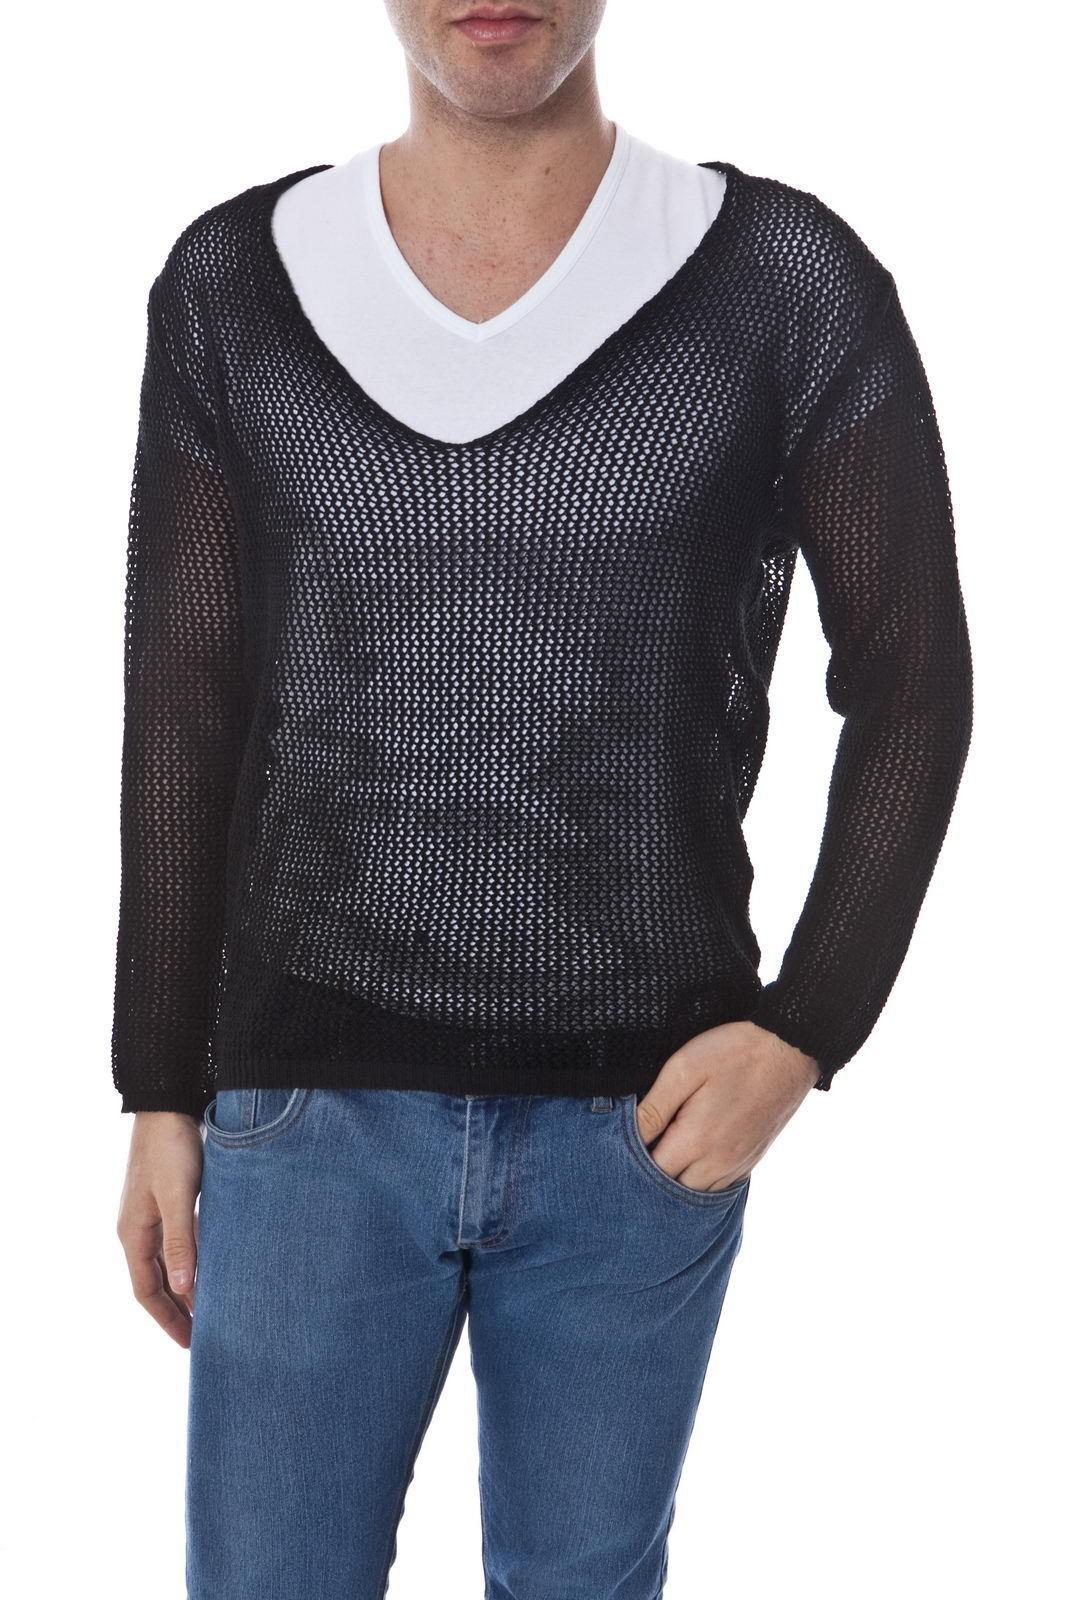 Maglia Daniele Alessandrini Sweater MADE IN ITALY  Herren Nero FM85750F3302 1